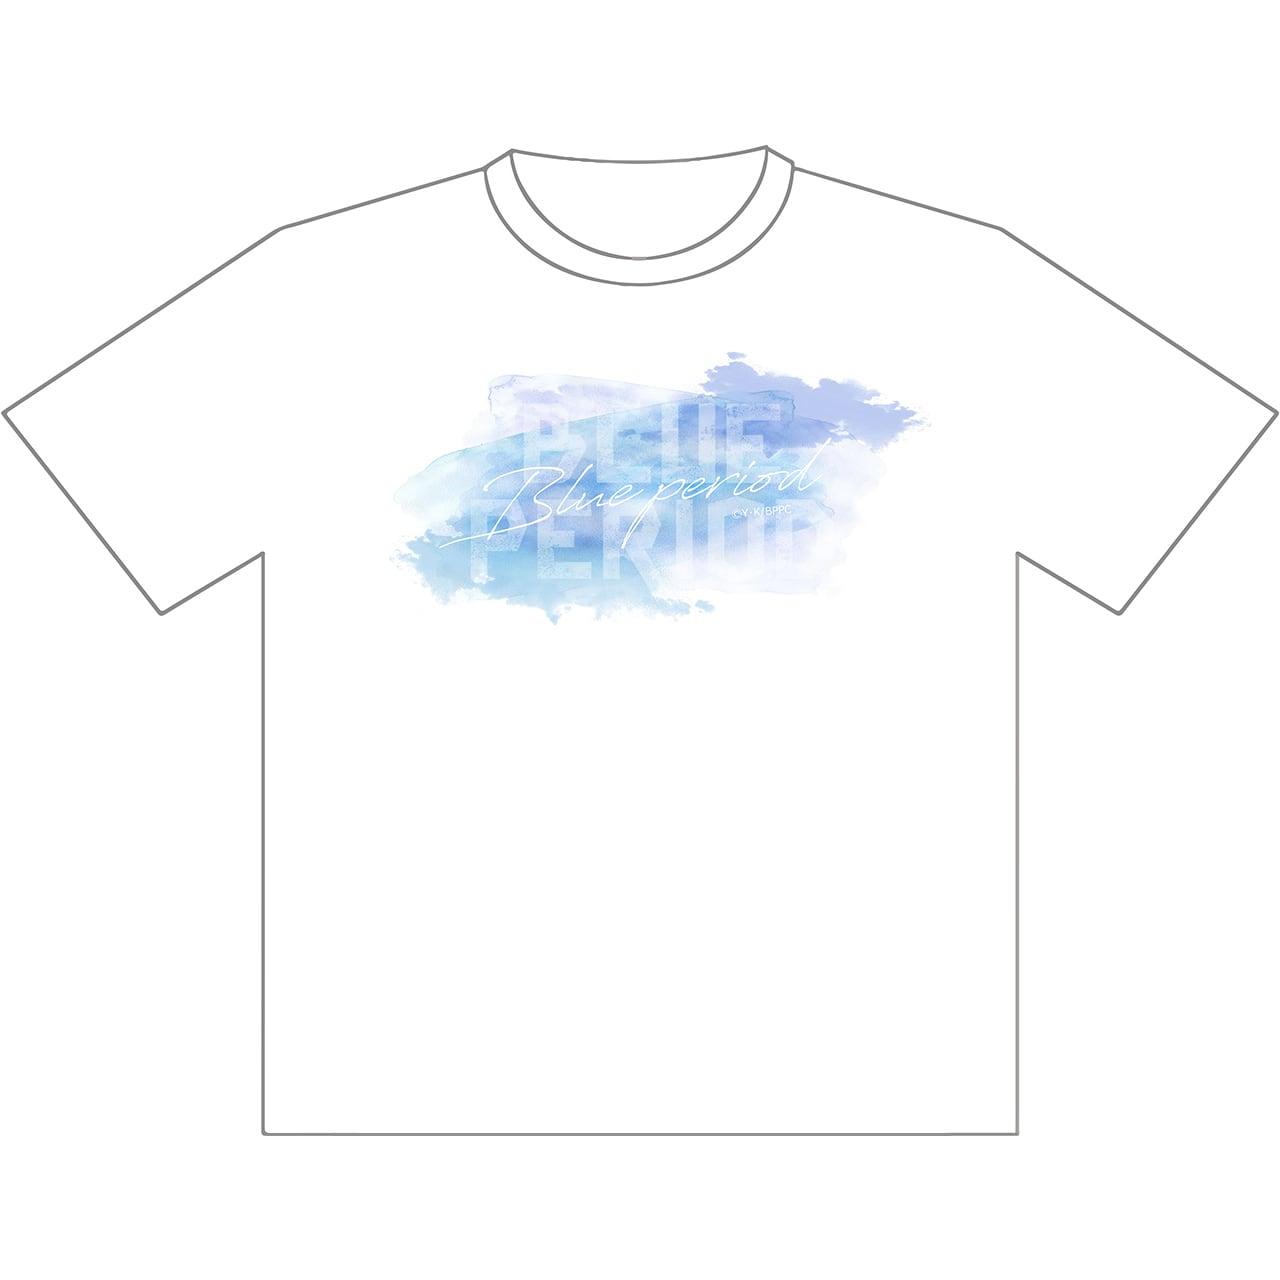 【4589839367851予】ブルーピリオド Tシャツ XL